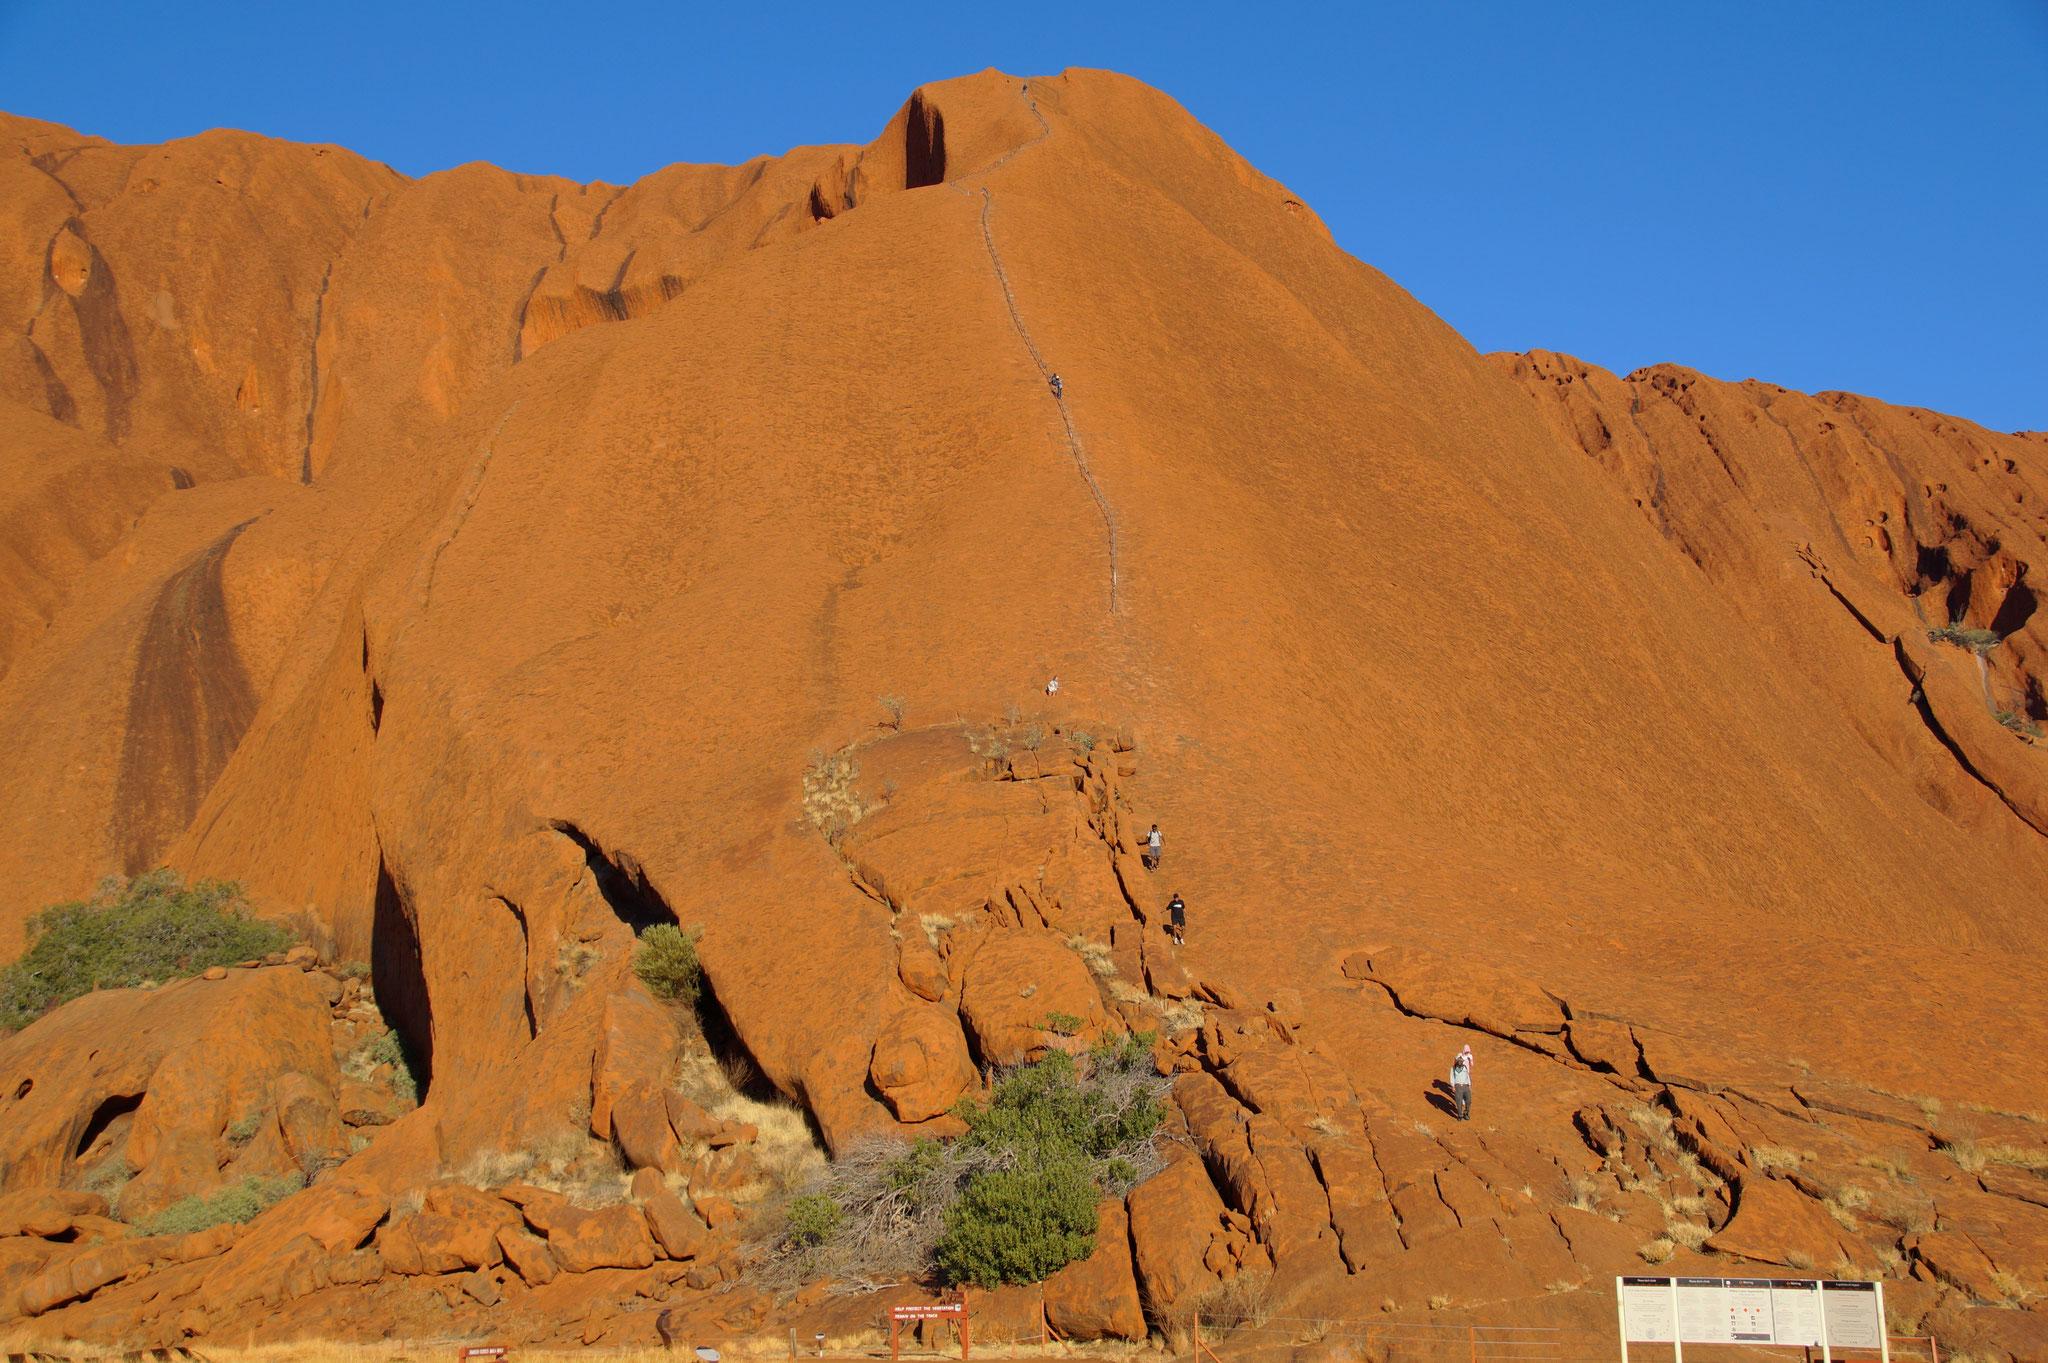 Das Klettern auf den heiligen Felsen wird nach langjährigem Protest der Aborigines verboten.